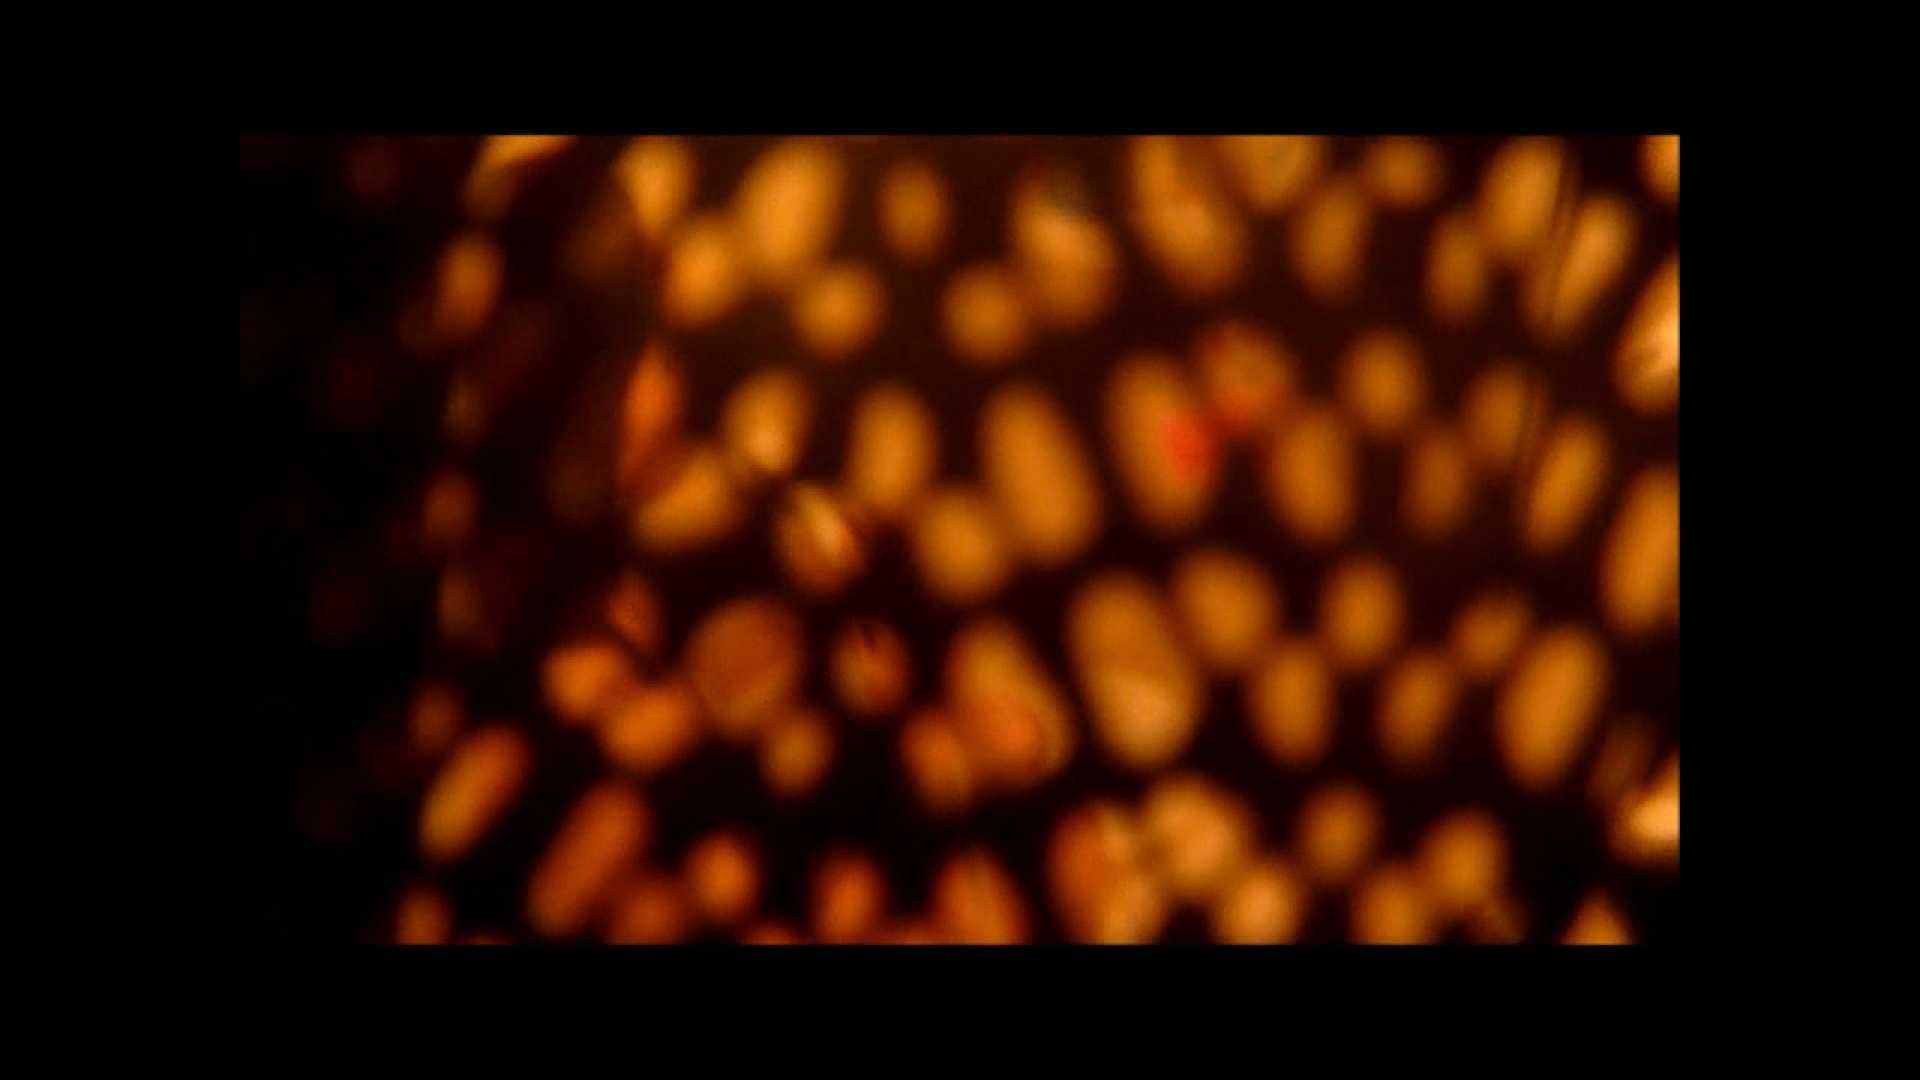 【02】ベランダに侵入して張り込みを始めて・・・やっと結果が出ました。 家宅侵入 | 0  82画像 60